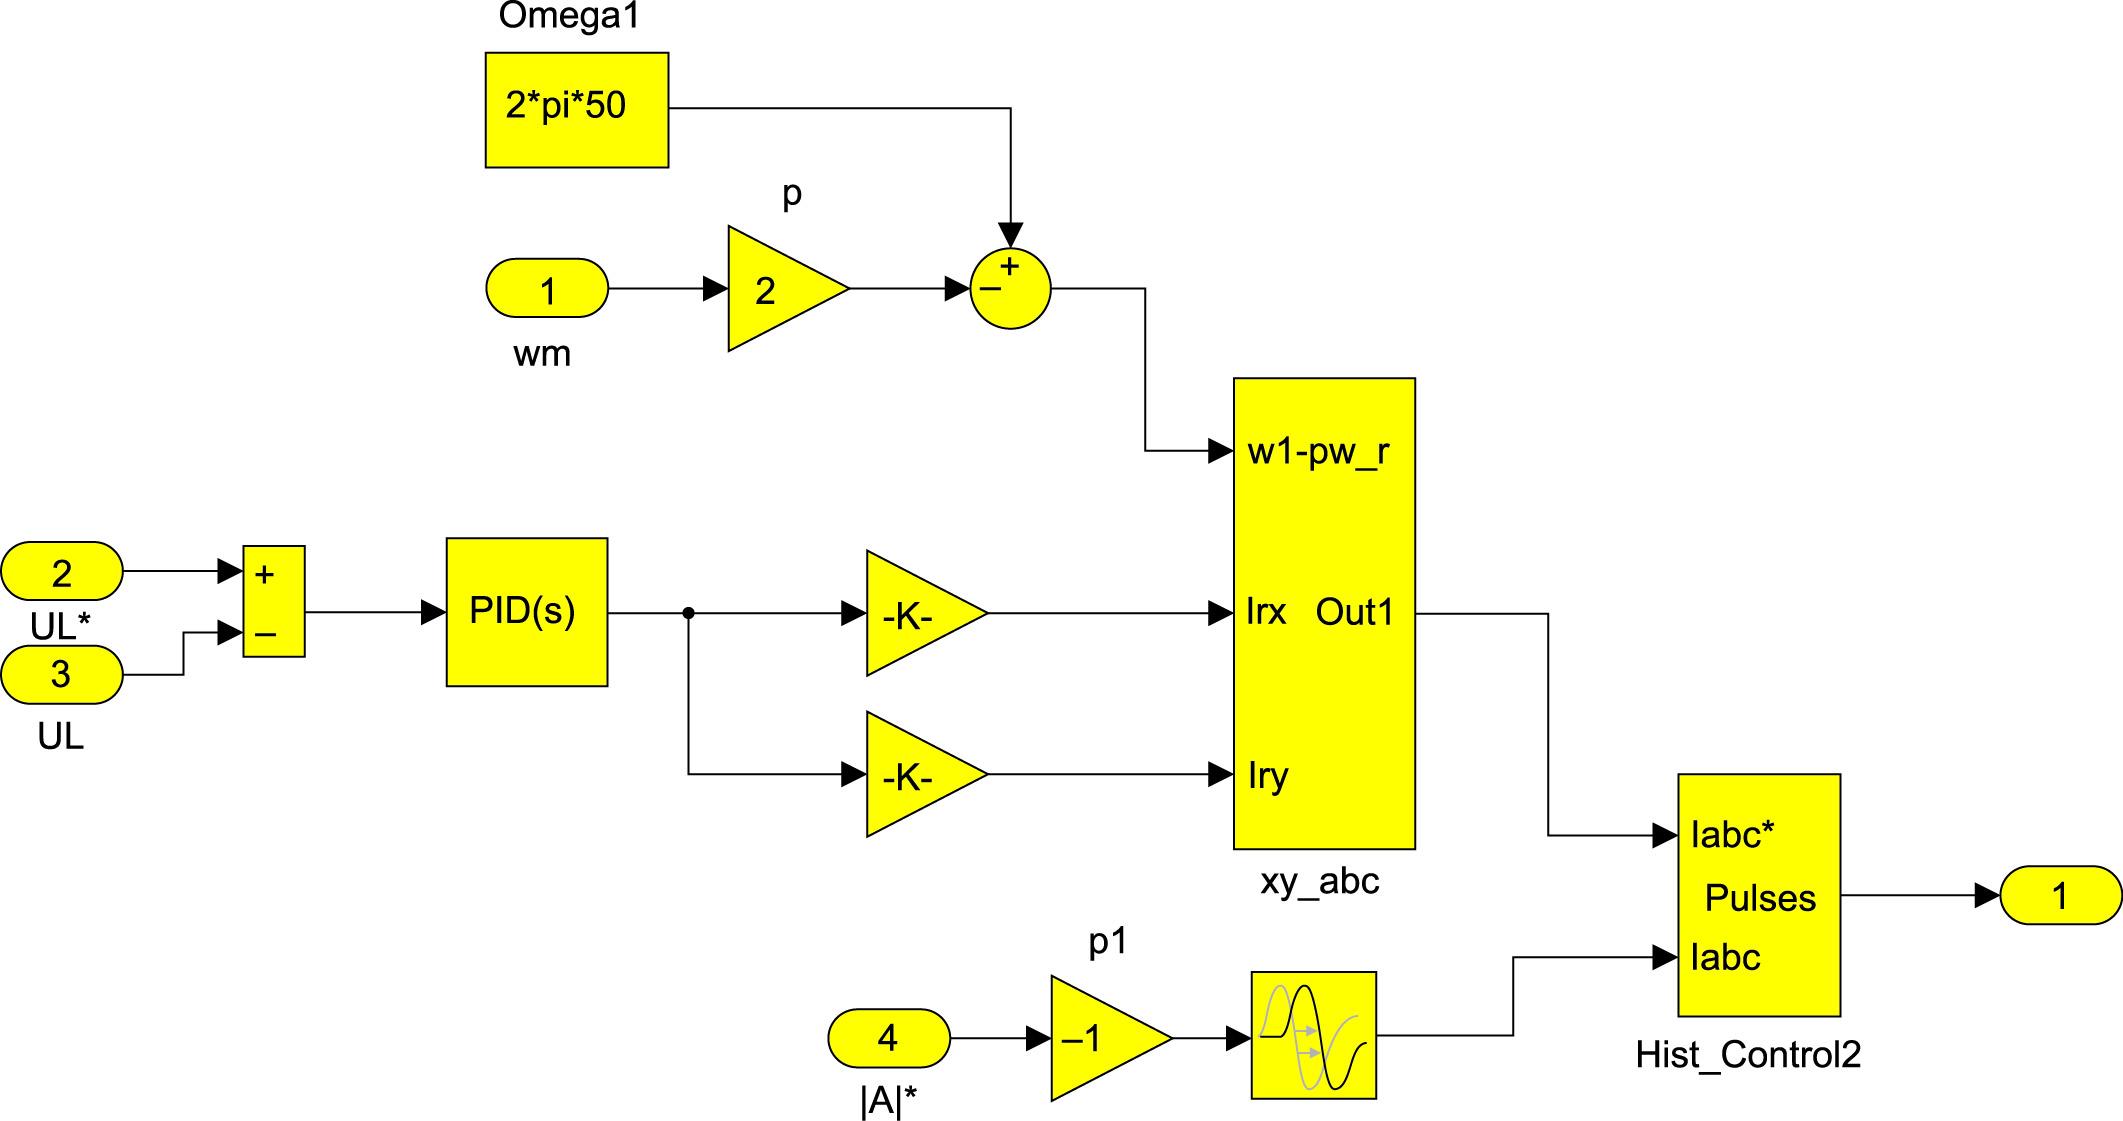 Имитационная модель системы управления гибридной генераторной установки с АМФР